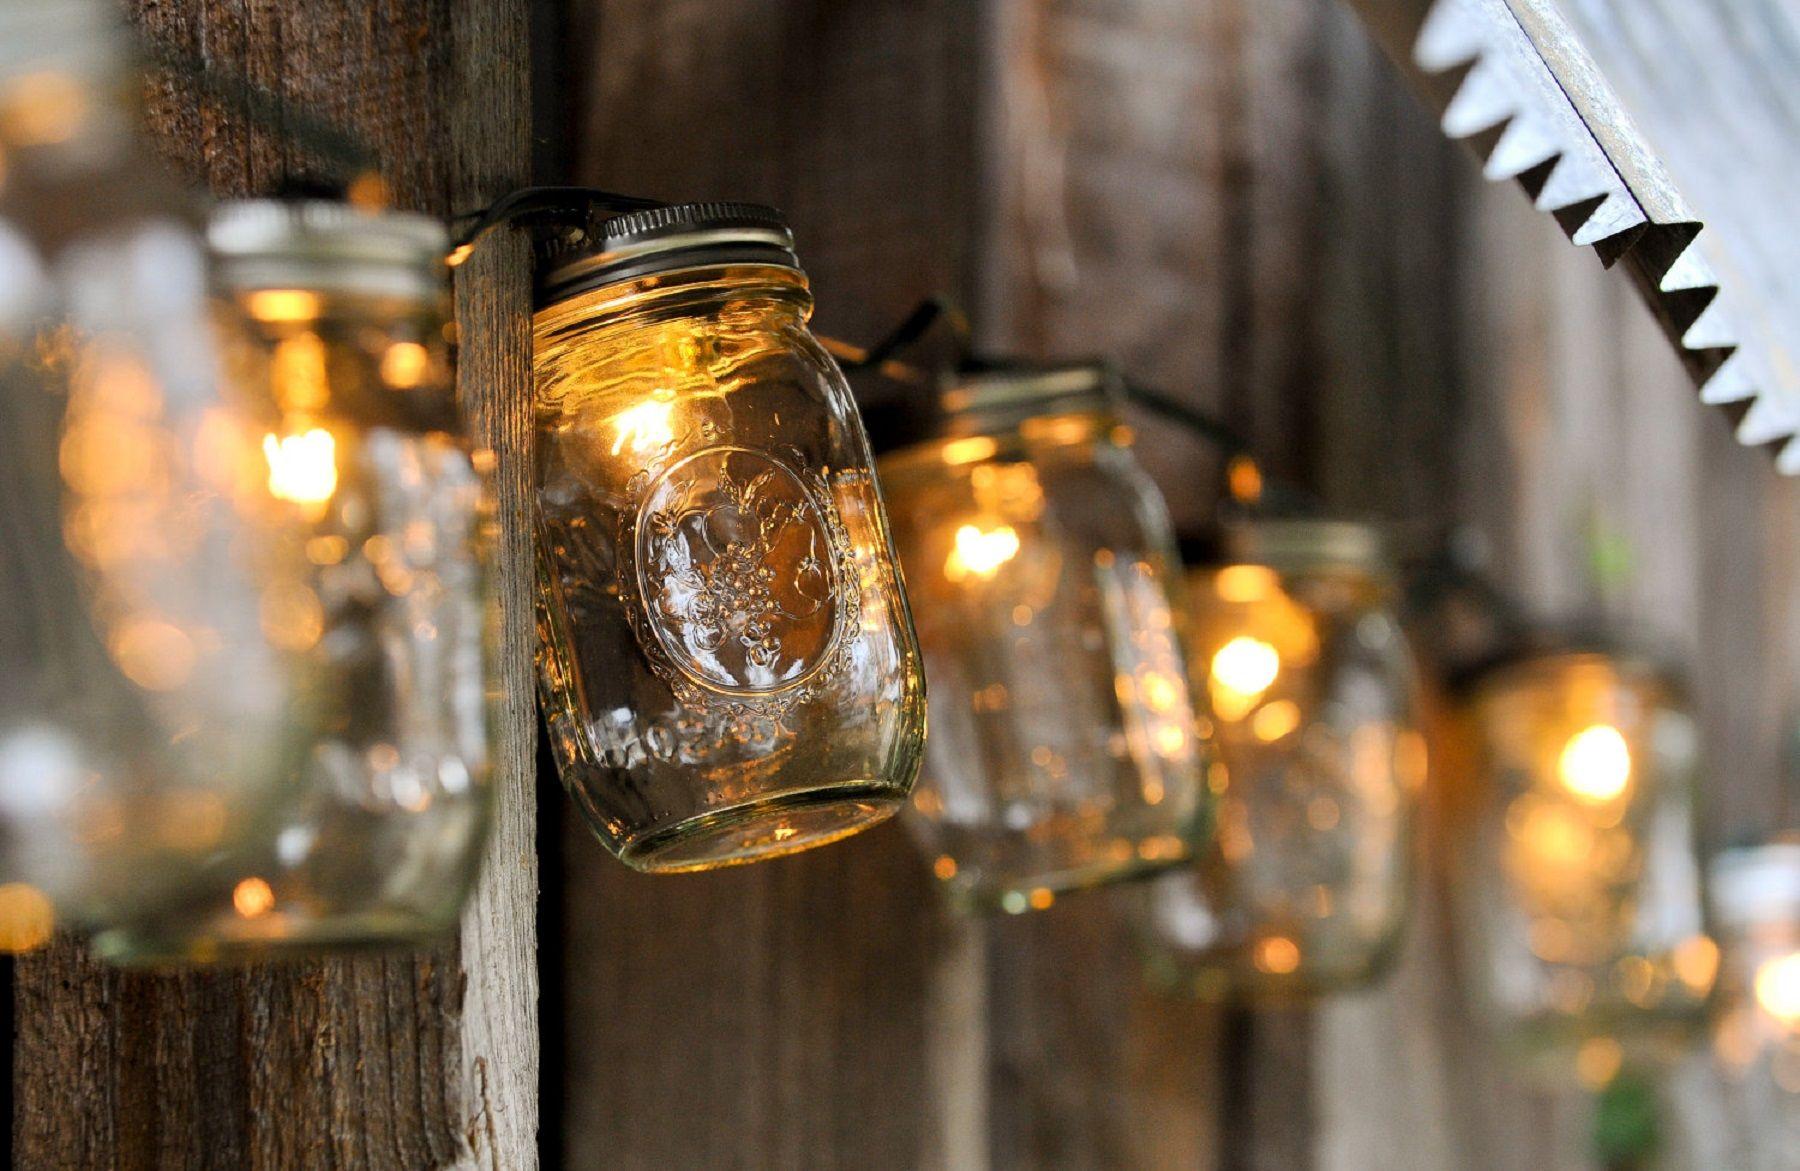 Lampade fai da te: idee per decorare e da regalare